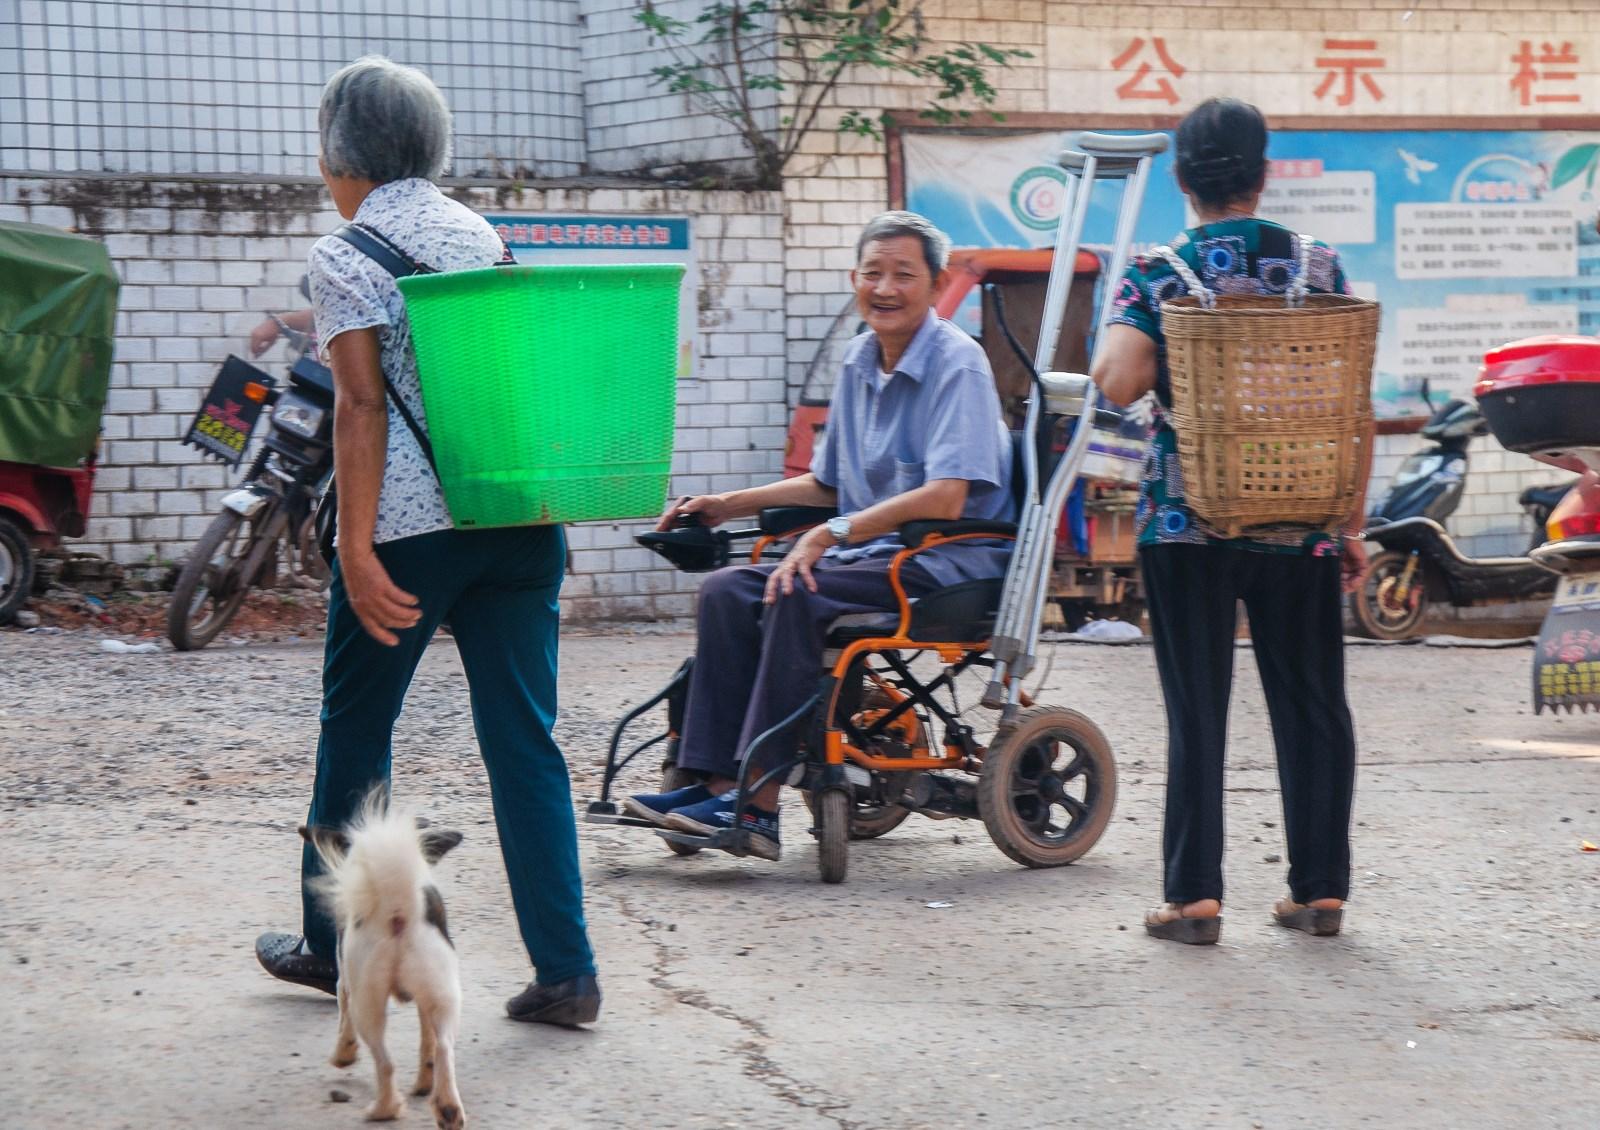 《街头偶遇》-2019年8月25日拍于四川富顺李桥镇街头-阳艳-18882004537DSC_7080.jpg